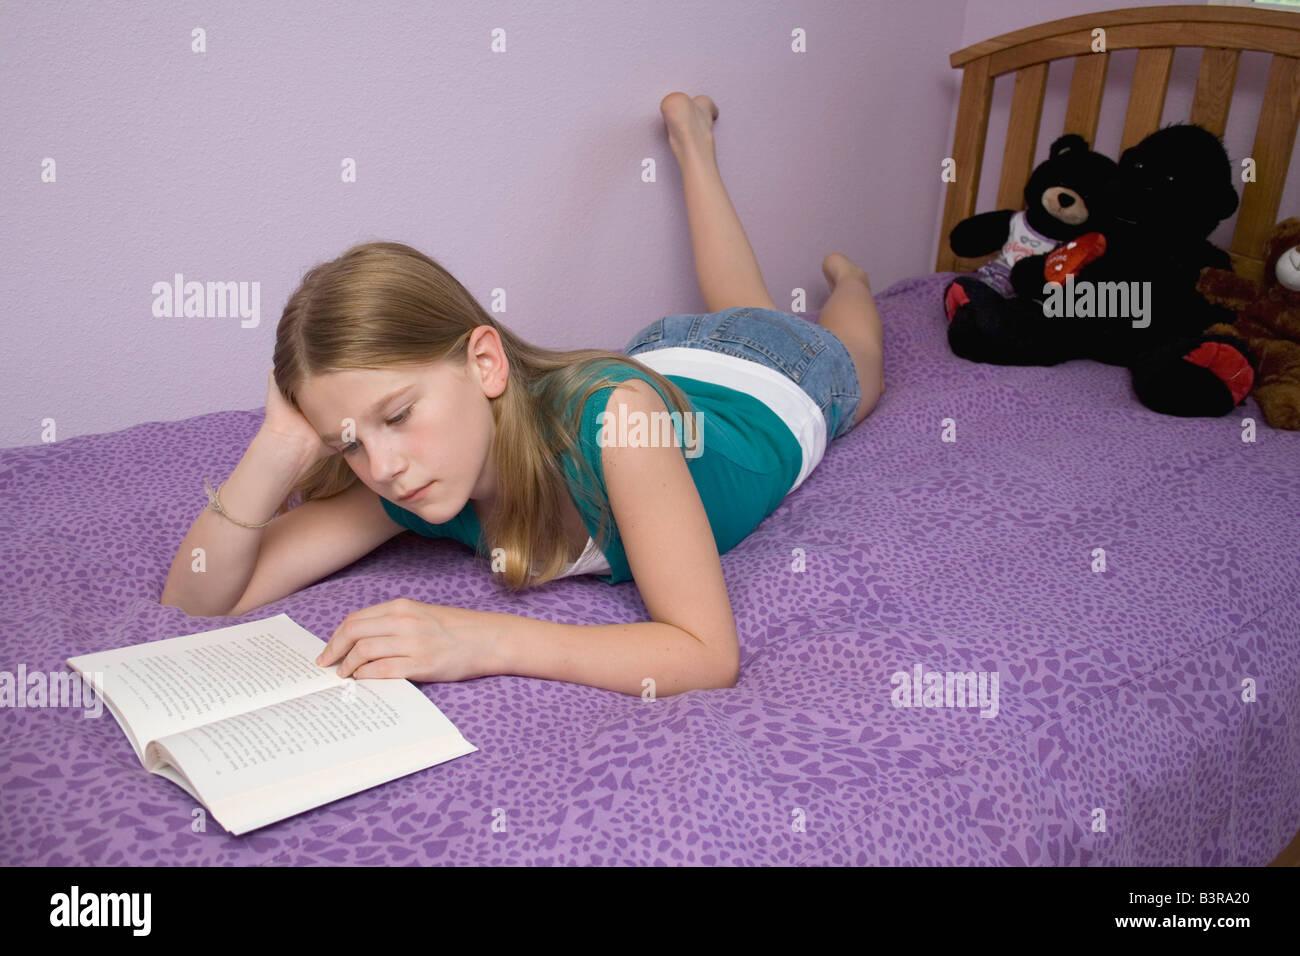 Niña Acostada En La Cama En Su Estómago Leyendo Un Libro